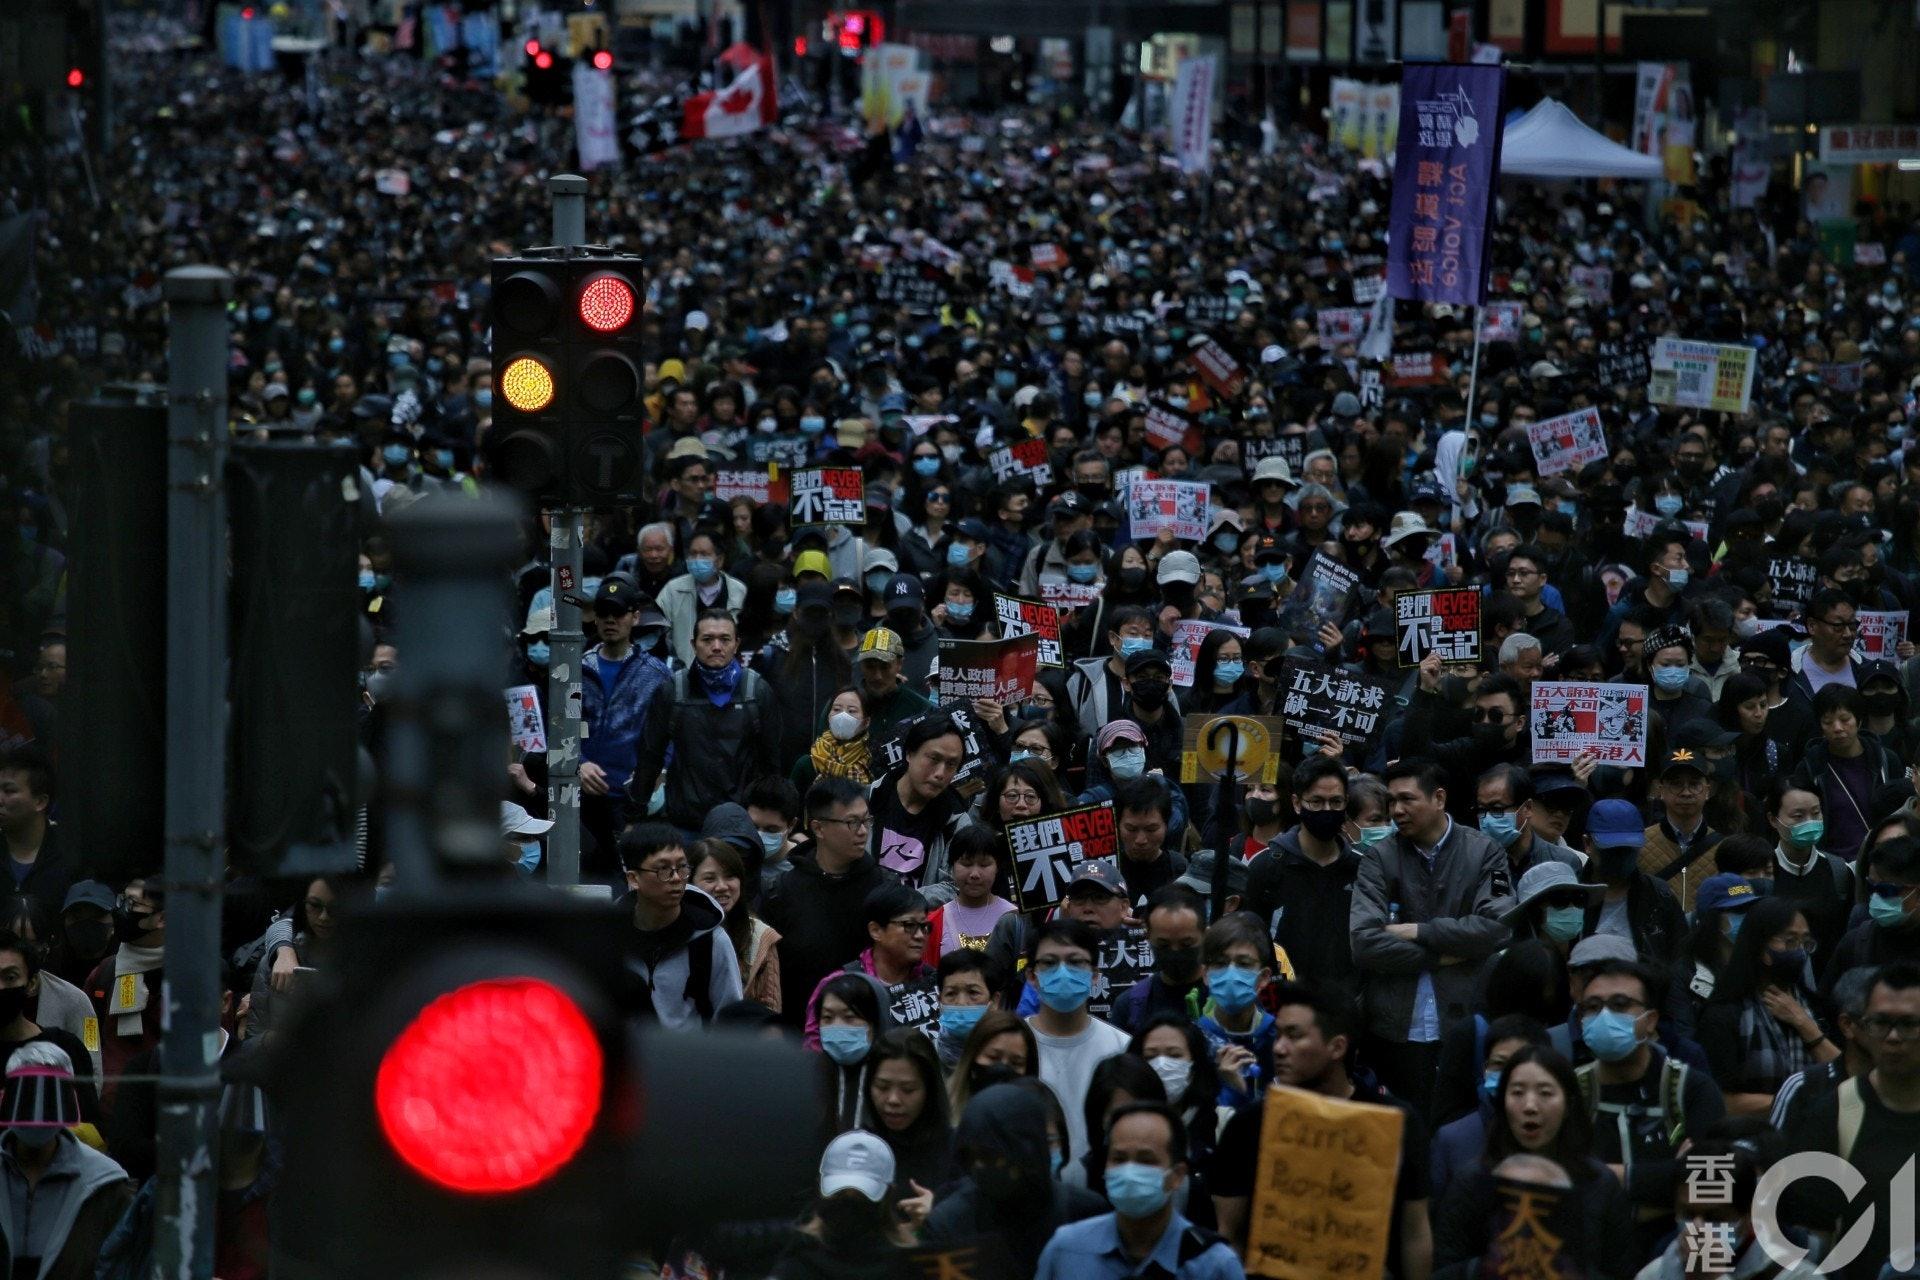 示威者挤爆游行路线。(HK01)